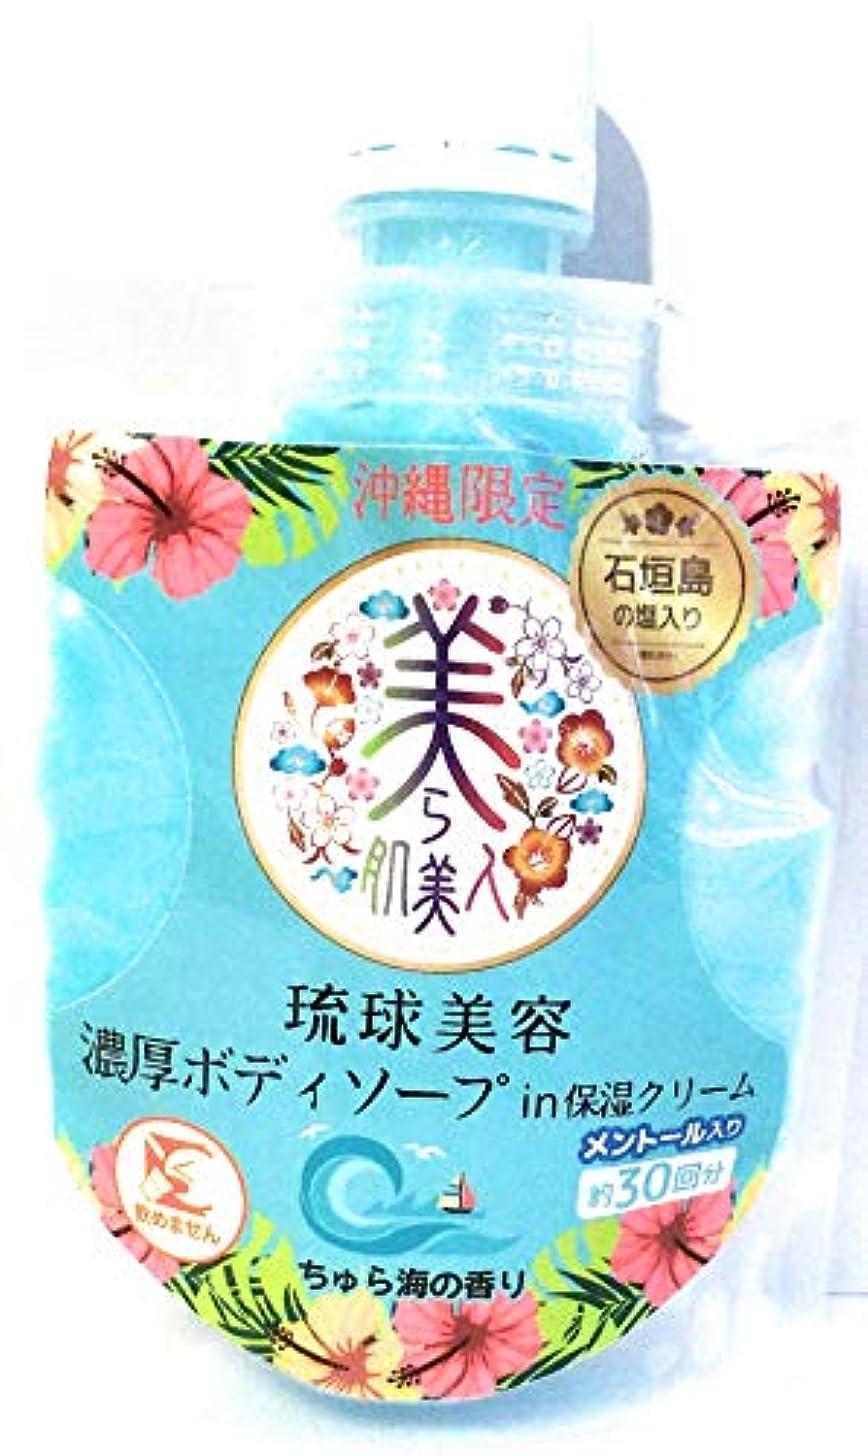 台無しに正しい累計沖縄限定 美ら肌美人 琉球美容濃厚ボディソープin保湿クリーム(メントール入り) ちゅら海の香り